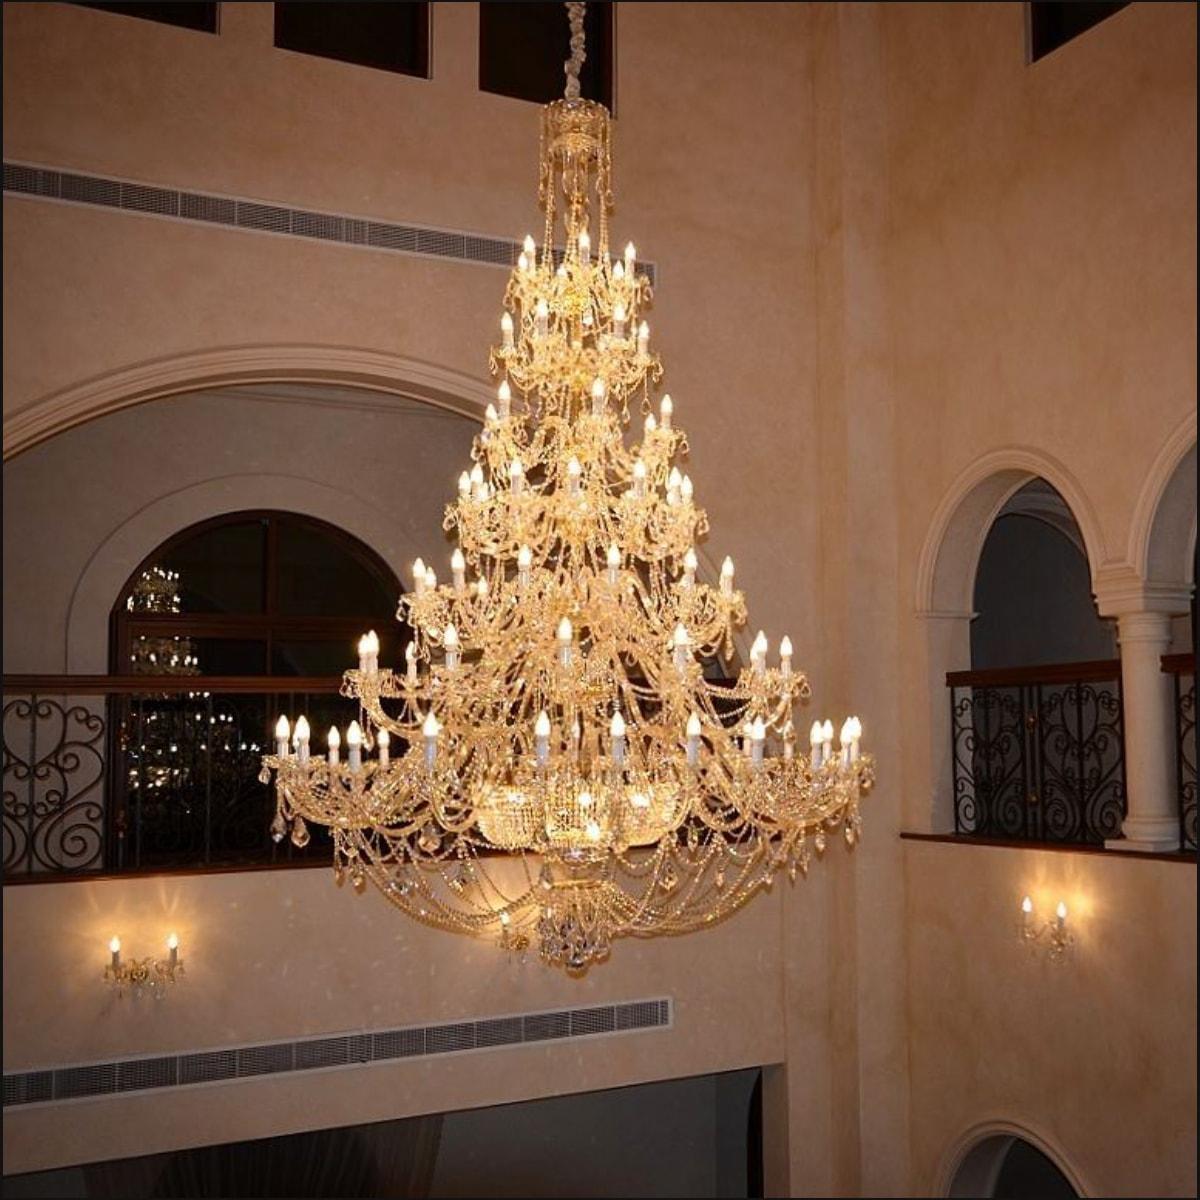 crystal-chandelier-ricamente-decorado-dubai.jpg